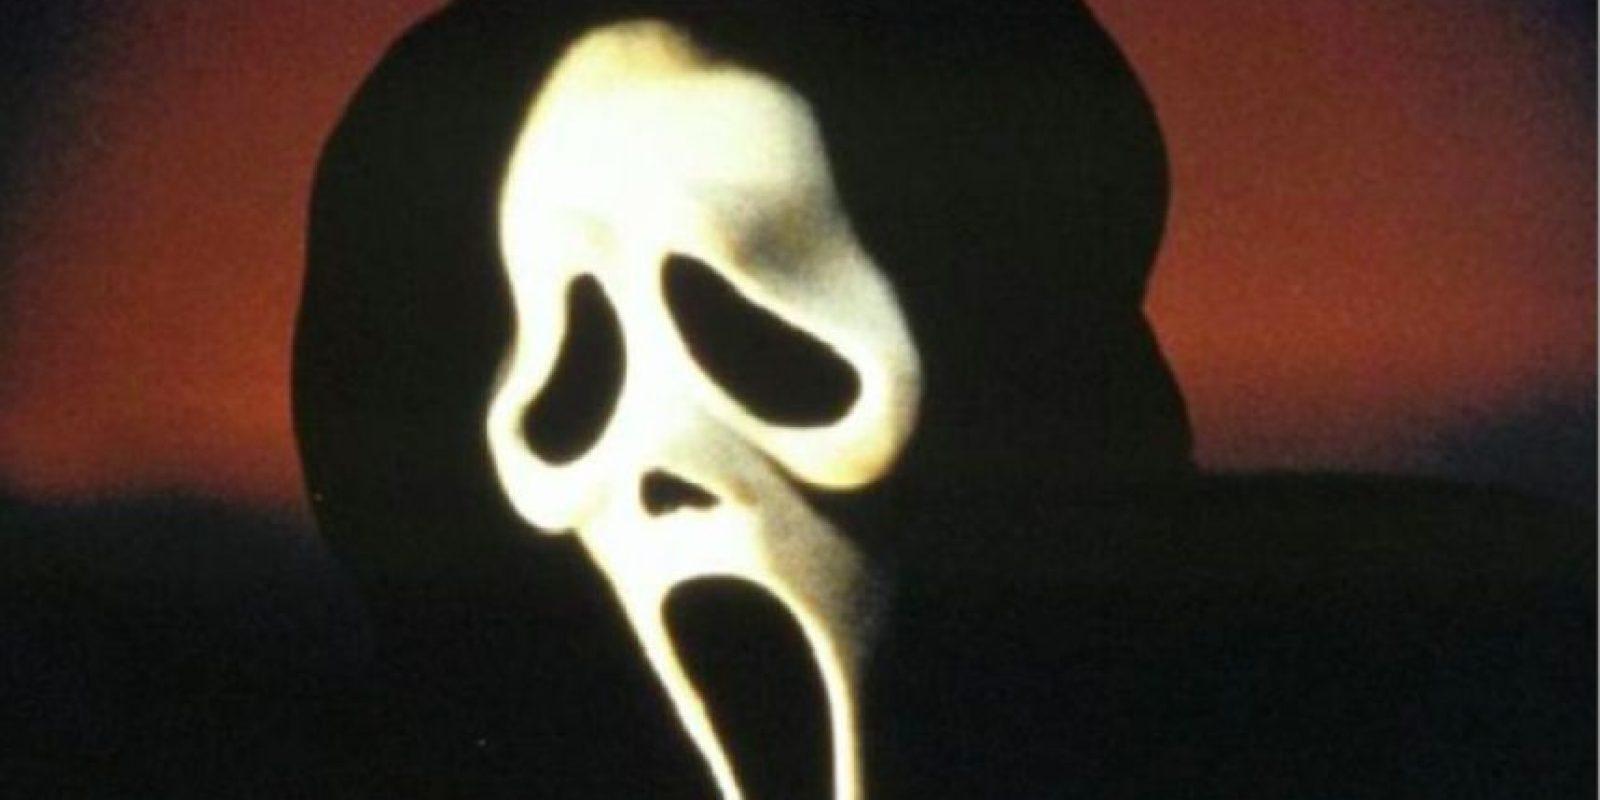 """La máscara que usa el asesino de la película Scream, grabada en 1996, esta inspirada en la obra de arte de """"El grito"""" del pintor Edvard Munch. Foto:Especial"""